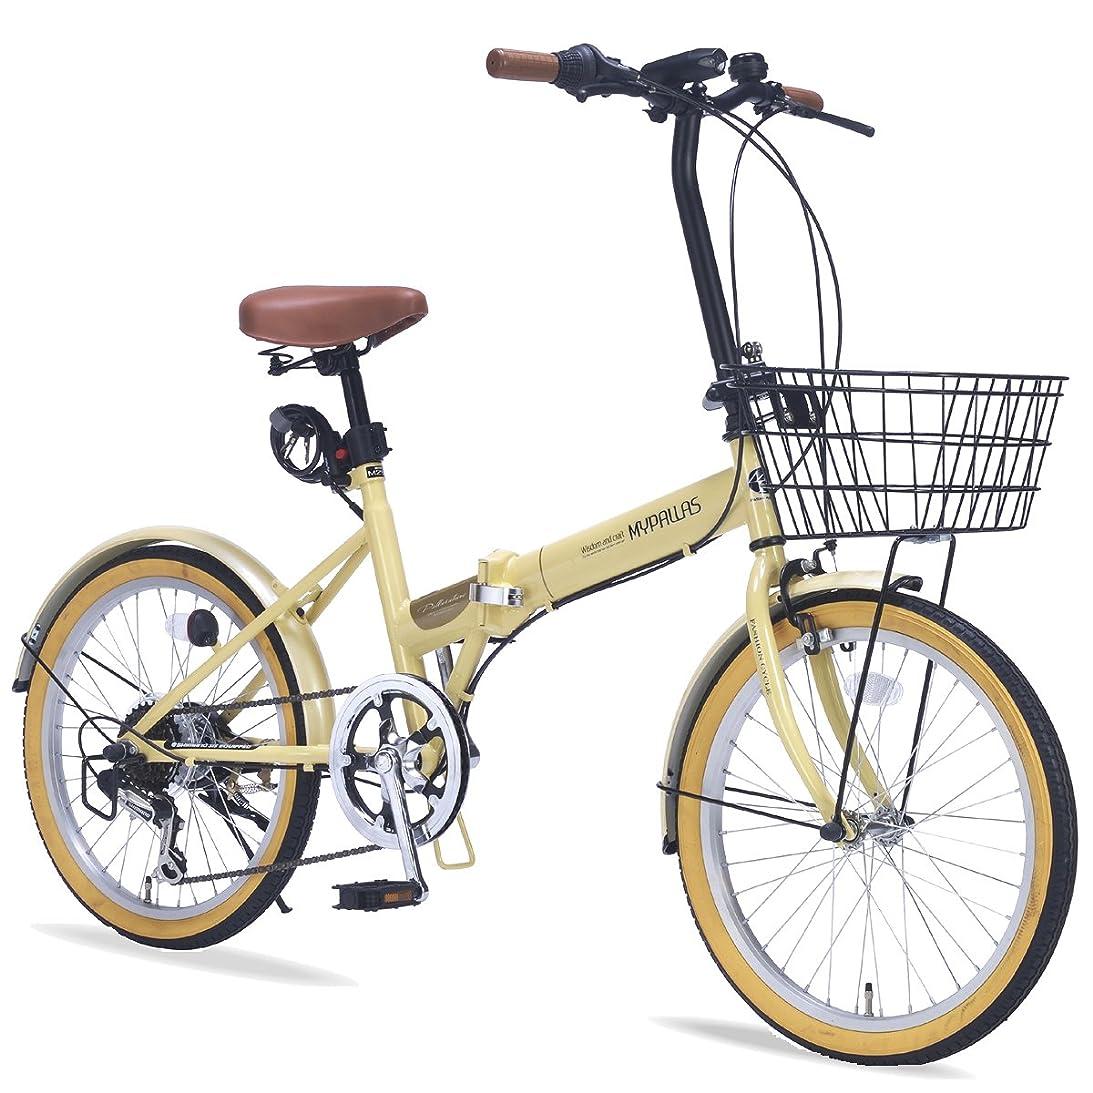 アカデミック日没アカデミックMy Pallas(マイパラス) 折り畳み自転車 20インチ シマノ製6段変速 オールインワン M-252 カゴ?LEDライト?カギ付 選べる4色 おしゃれなタイヤカラーウォール